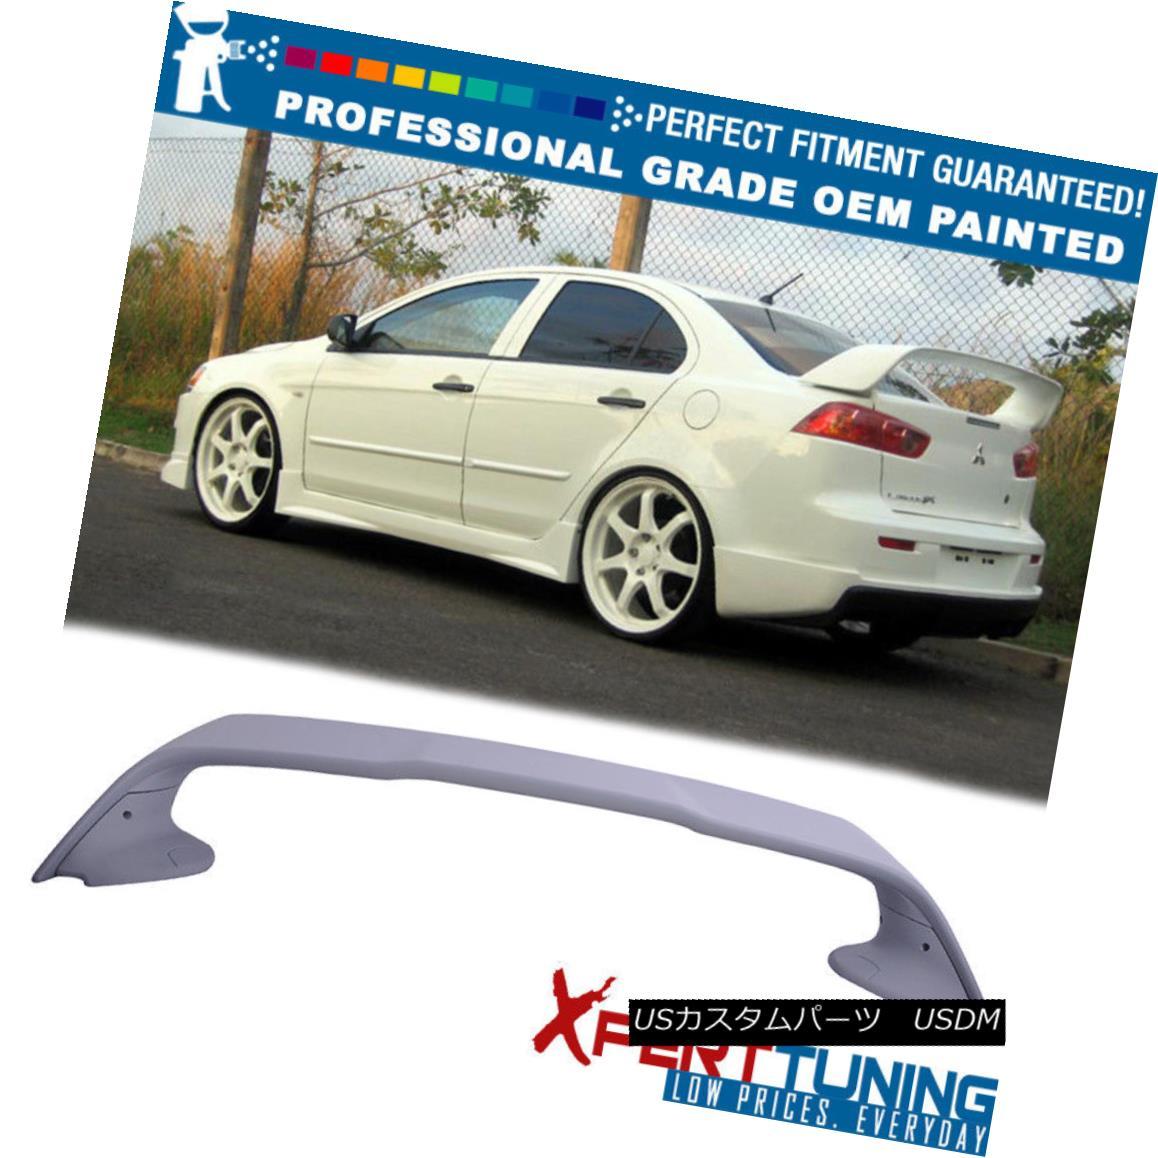 エアロパーツ 08-17 Mitsubishi Lancer Painted ABS Trunk Spoiler - OEM Painted Color 08-17三菱ランサー塗装ABSトランク・スポイラー - OEM塗装色